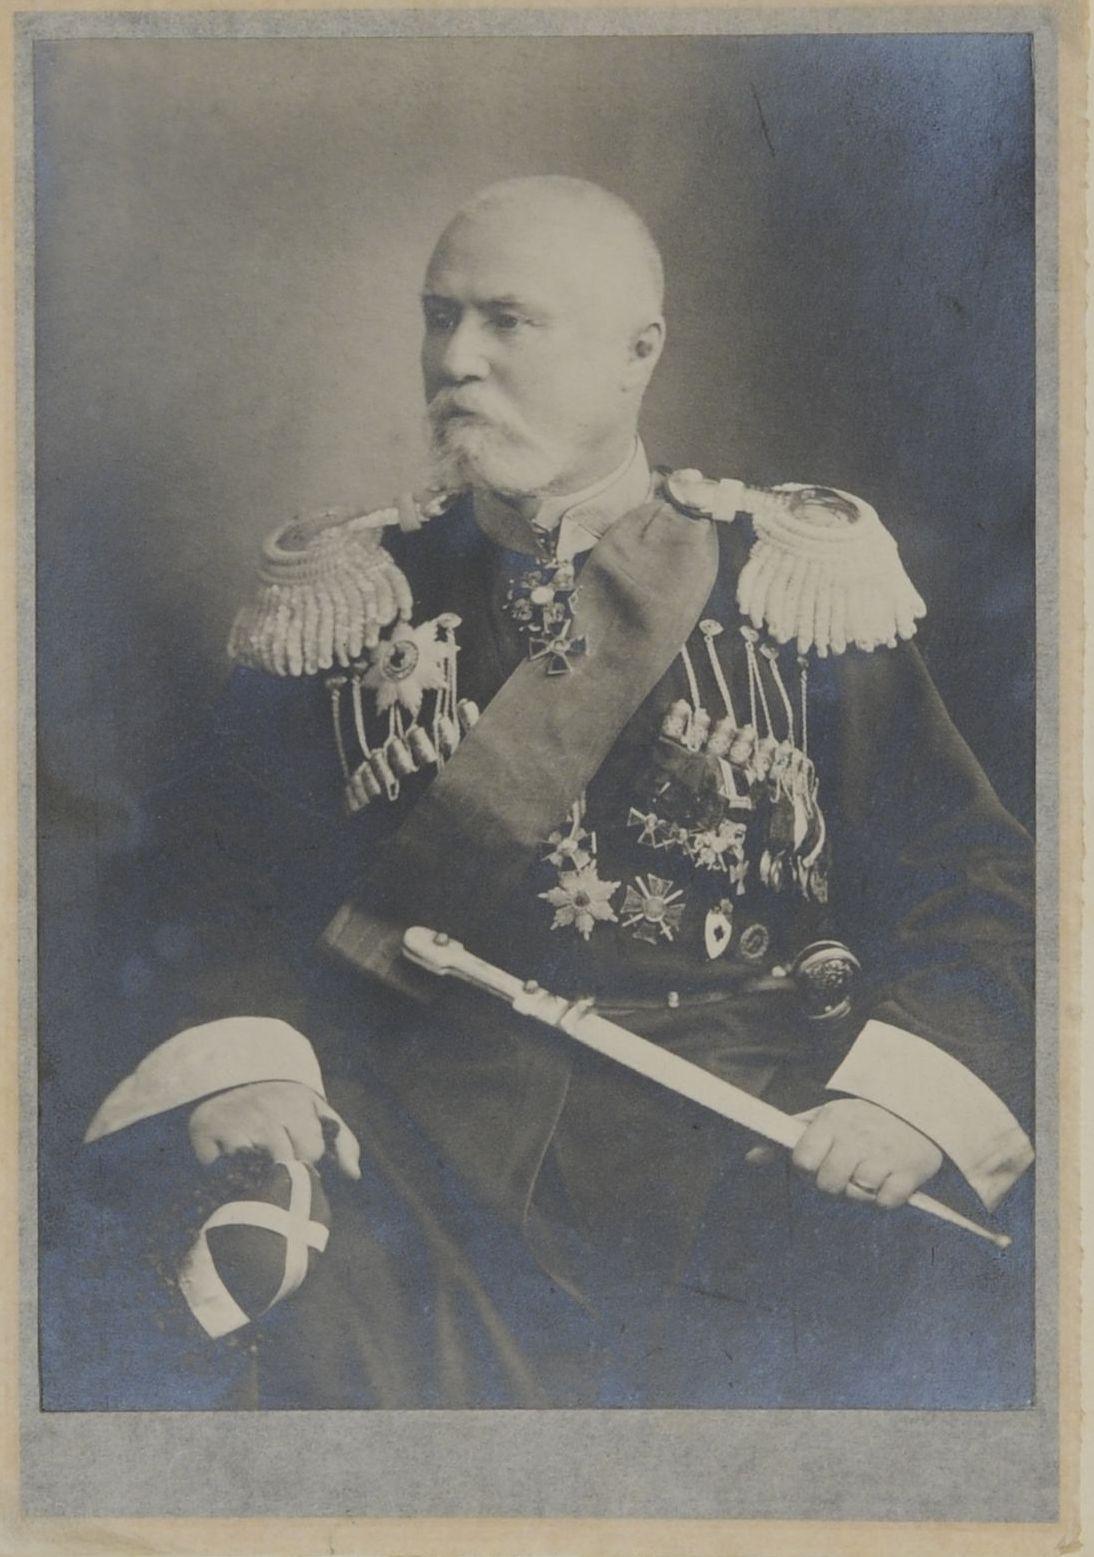 Фото Начальника Кубанской области и наказного атамана Кубанского казачьего войска генерал-лейтенанта М.П.Бабича. 1908-1911